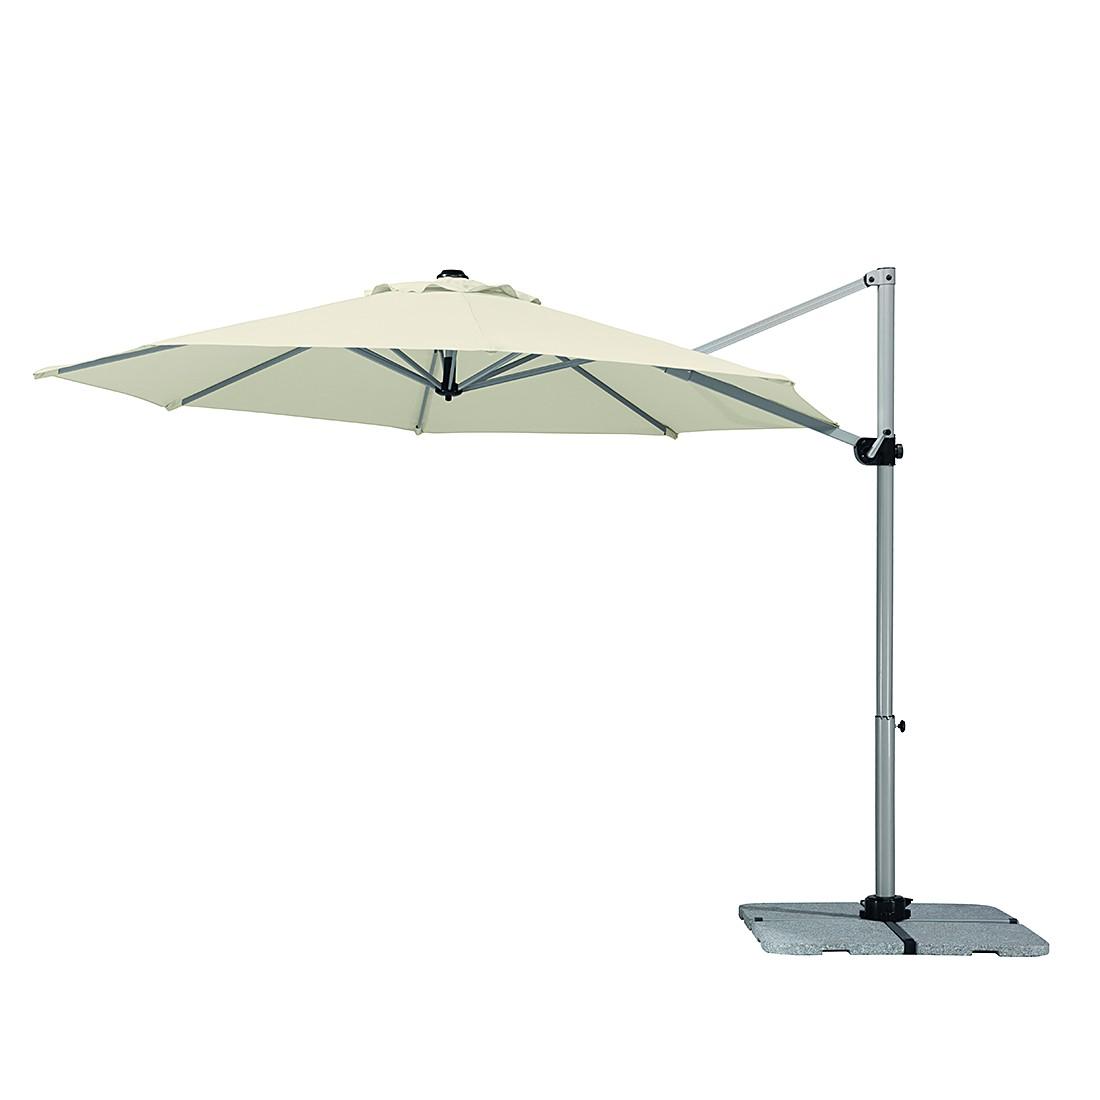 Samos 300 Sonnenschirm - Aluminium/Polyester - Silber/Natur, Schneider Schirme